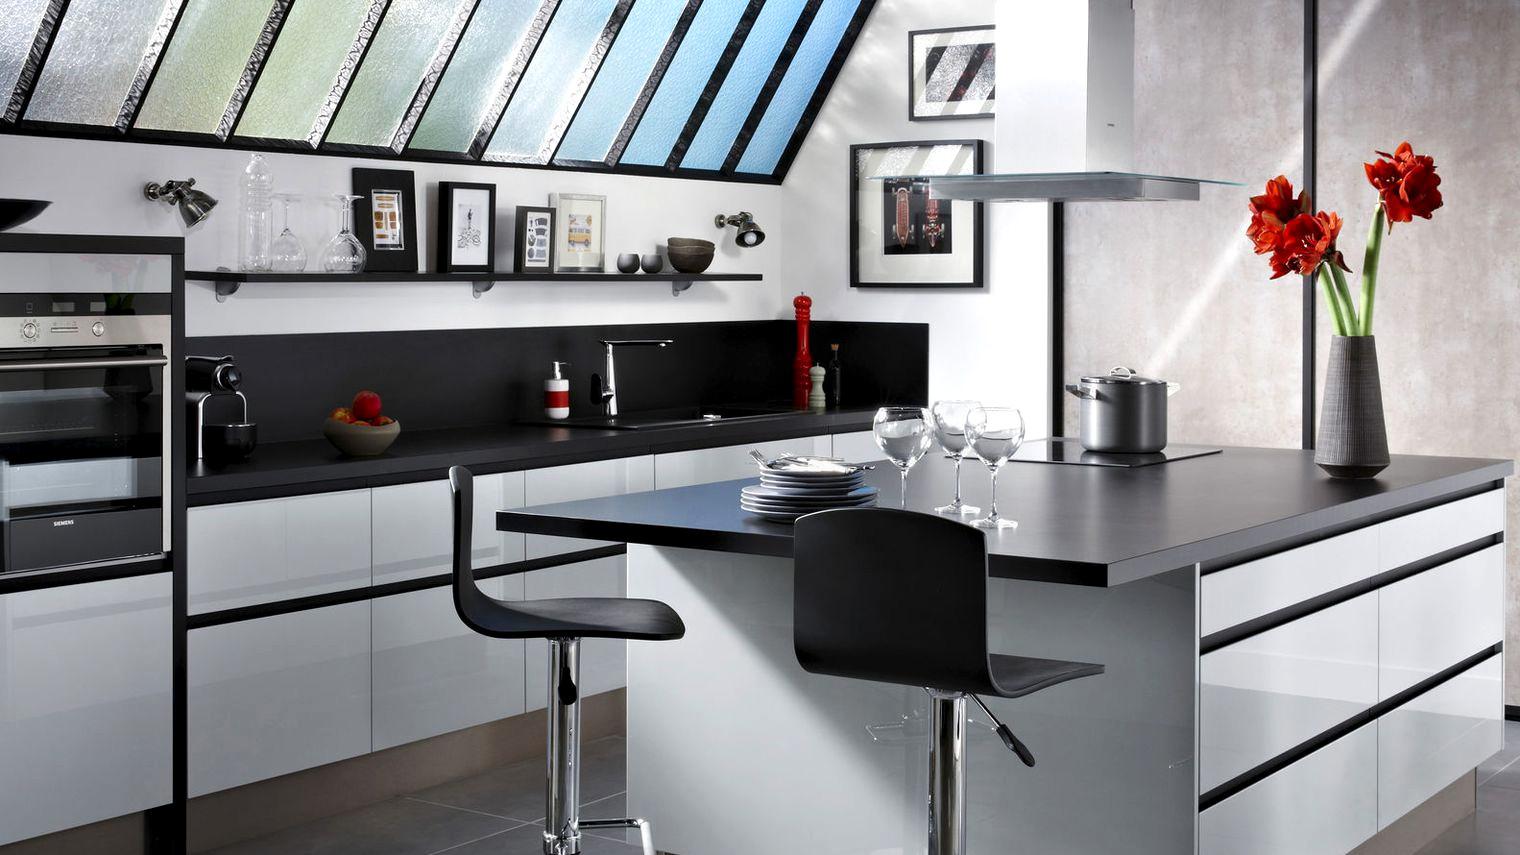 Cuisine Direct Usine Pas Cher Luxe Image Meubles Direct Usine Pas Cher Beau Meubles Factory Inspiration De